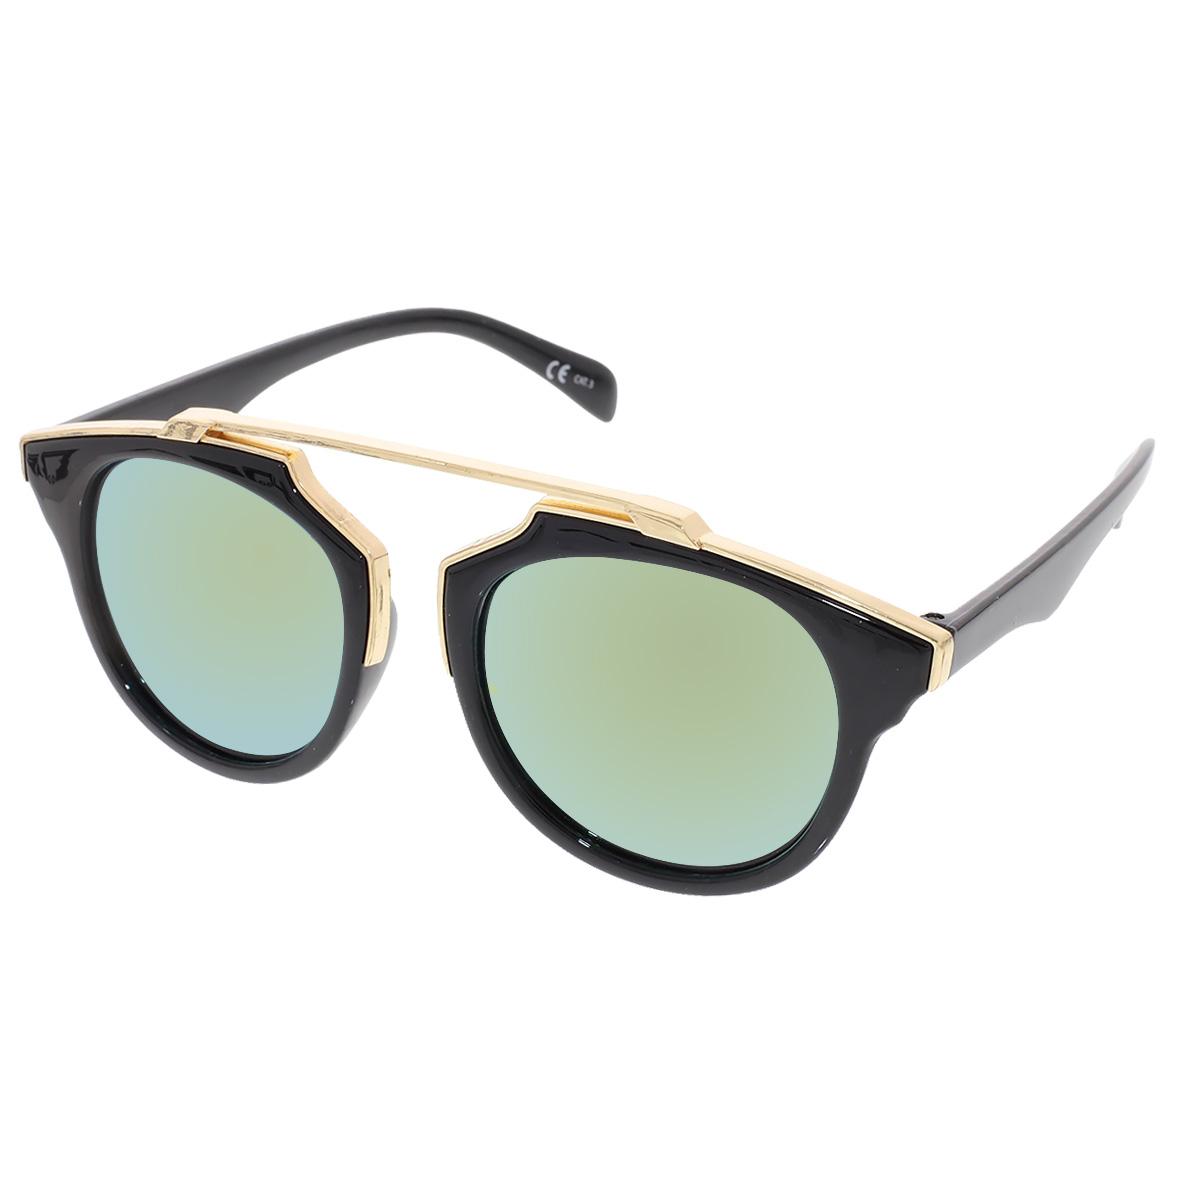 Sluneční brýle Weight černé obroučky zlatá skla.